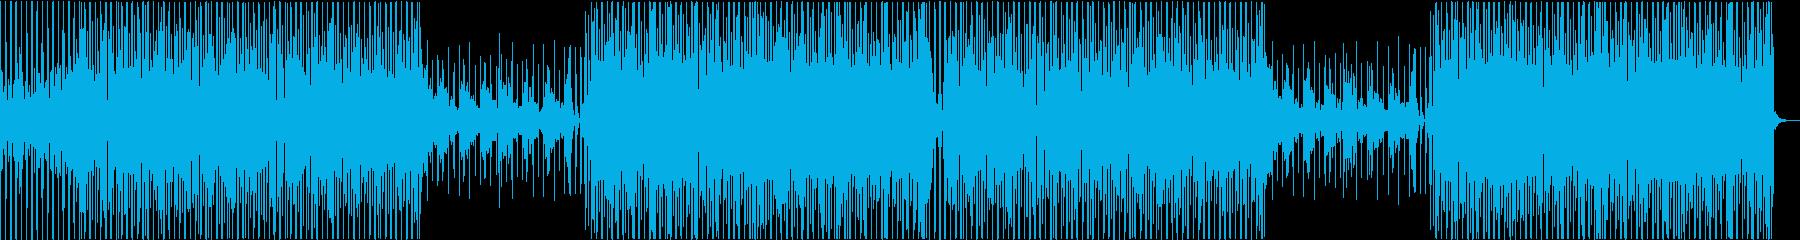 カッティングギターが軽快なディスコポップの再生済みの波形